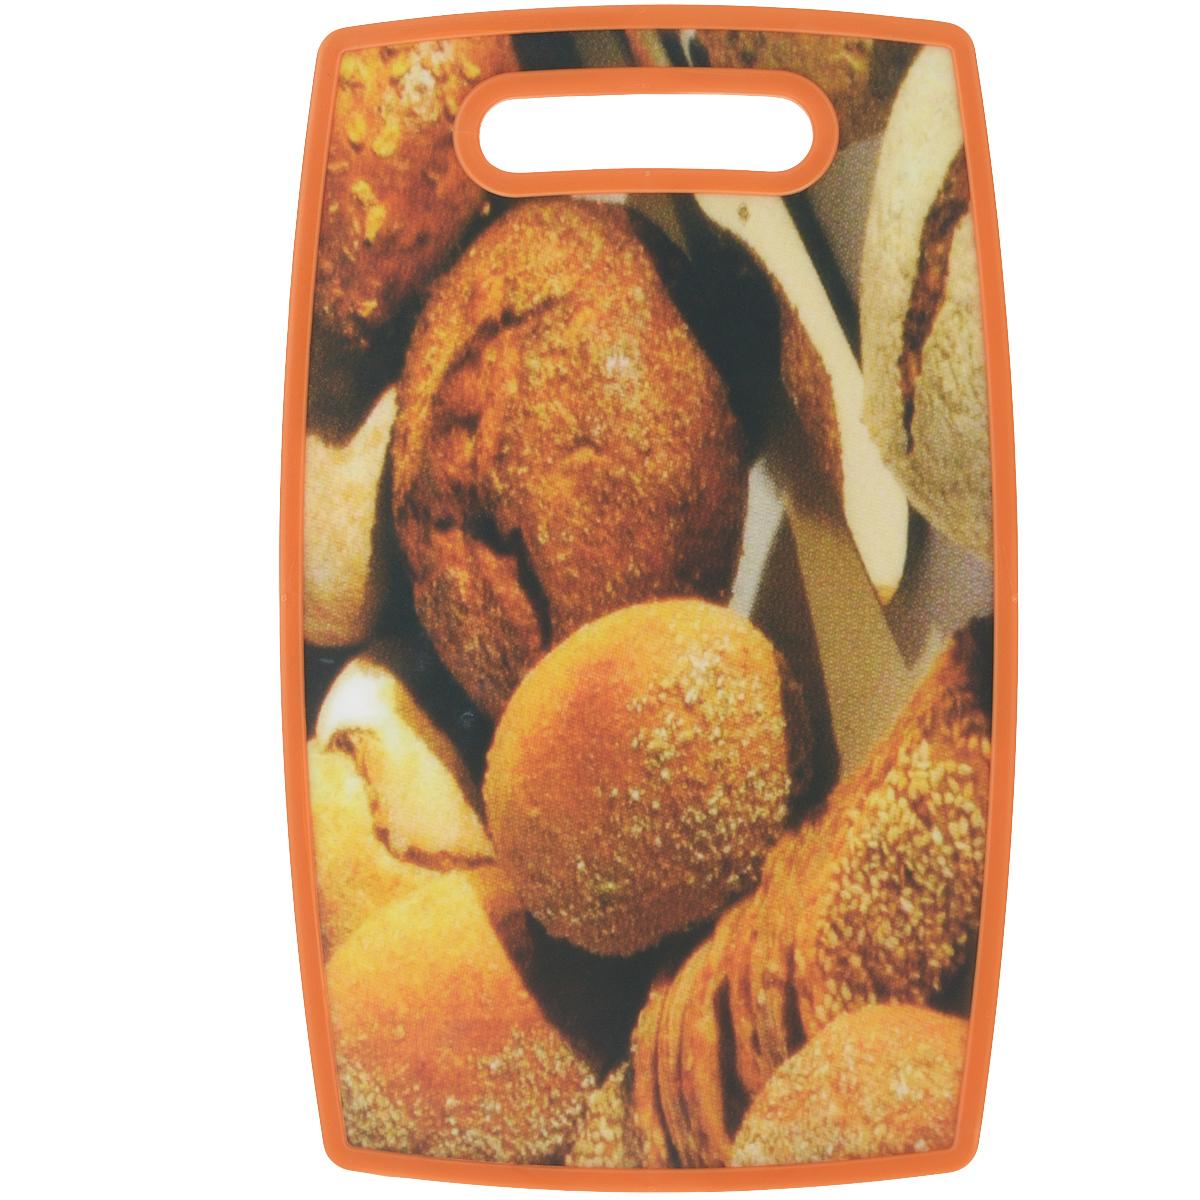 Доска разделочная LaraCook Хлеб, 23 см х 37 смLC-1111Доска разделочная LaraCook Хлеб, изготовленная из устойчивого к истиранию пластика, займет достойное место среди аксессуаров на вашей кухне. С одной стороны доска имеет однотонное пластиковое покрытие, а с другой декорирована изображением хлеба. Доска имеет высокий коэффициент жесткости и прекрасно подойдет для нарезки любых продуктов. Устойчива к деформации и высоким температурам. Можно мыть в посудомоечной машине.